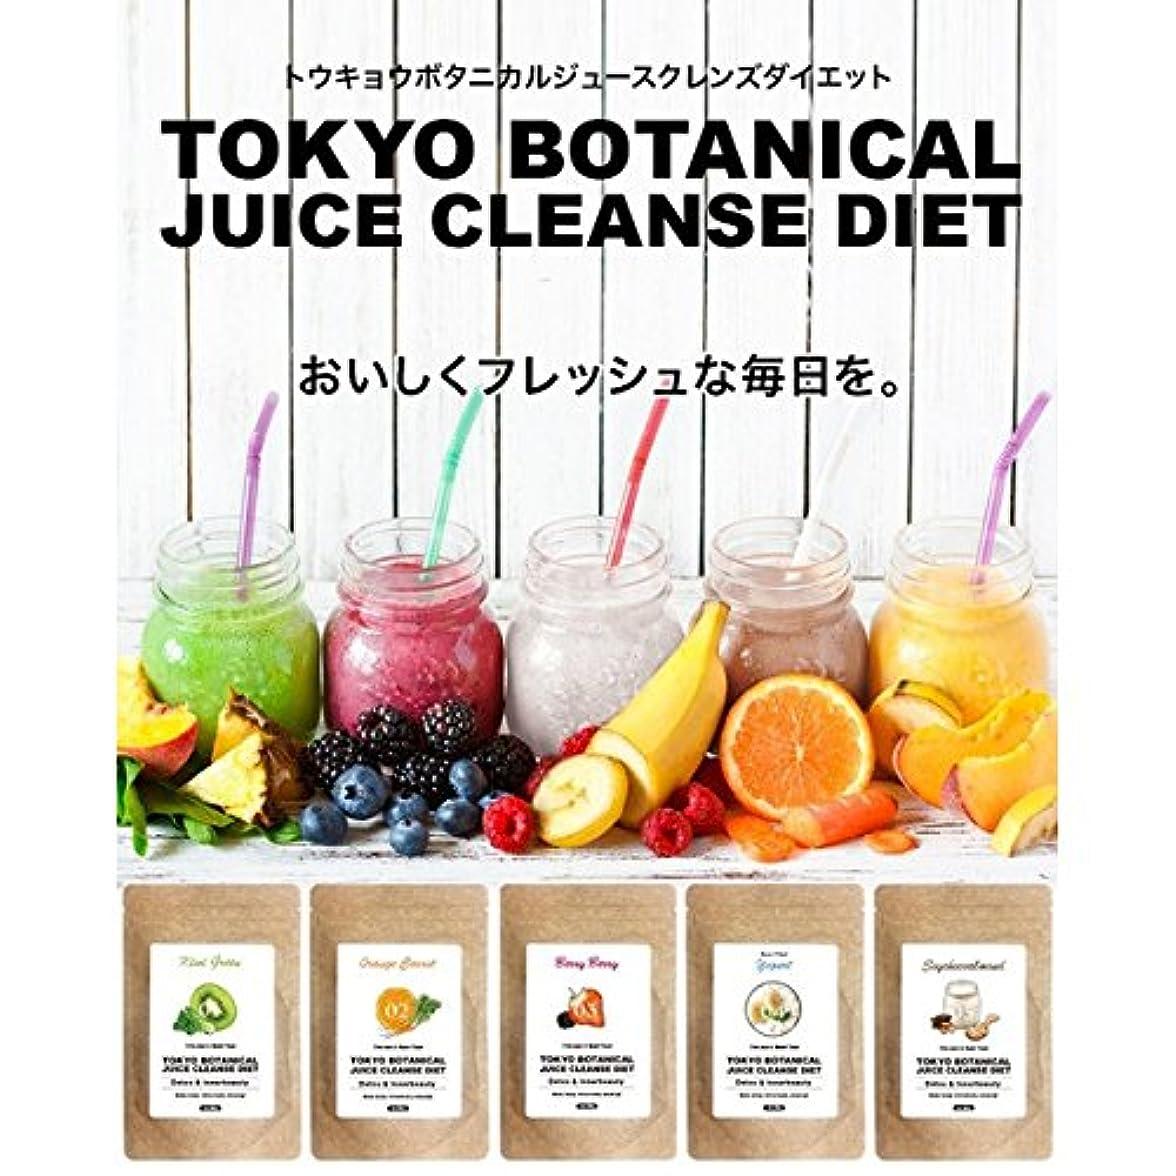 赤面計り知れない反響する東京ボタニカルジュースクレンズダイエット  ヨーグルト&ソイチョコアーモンドセット